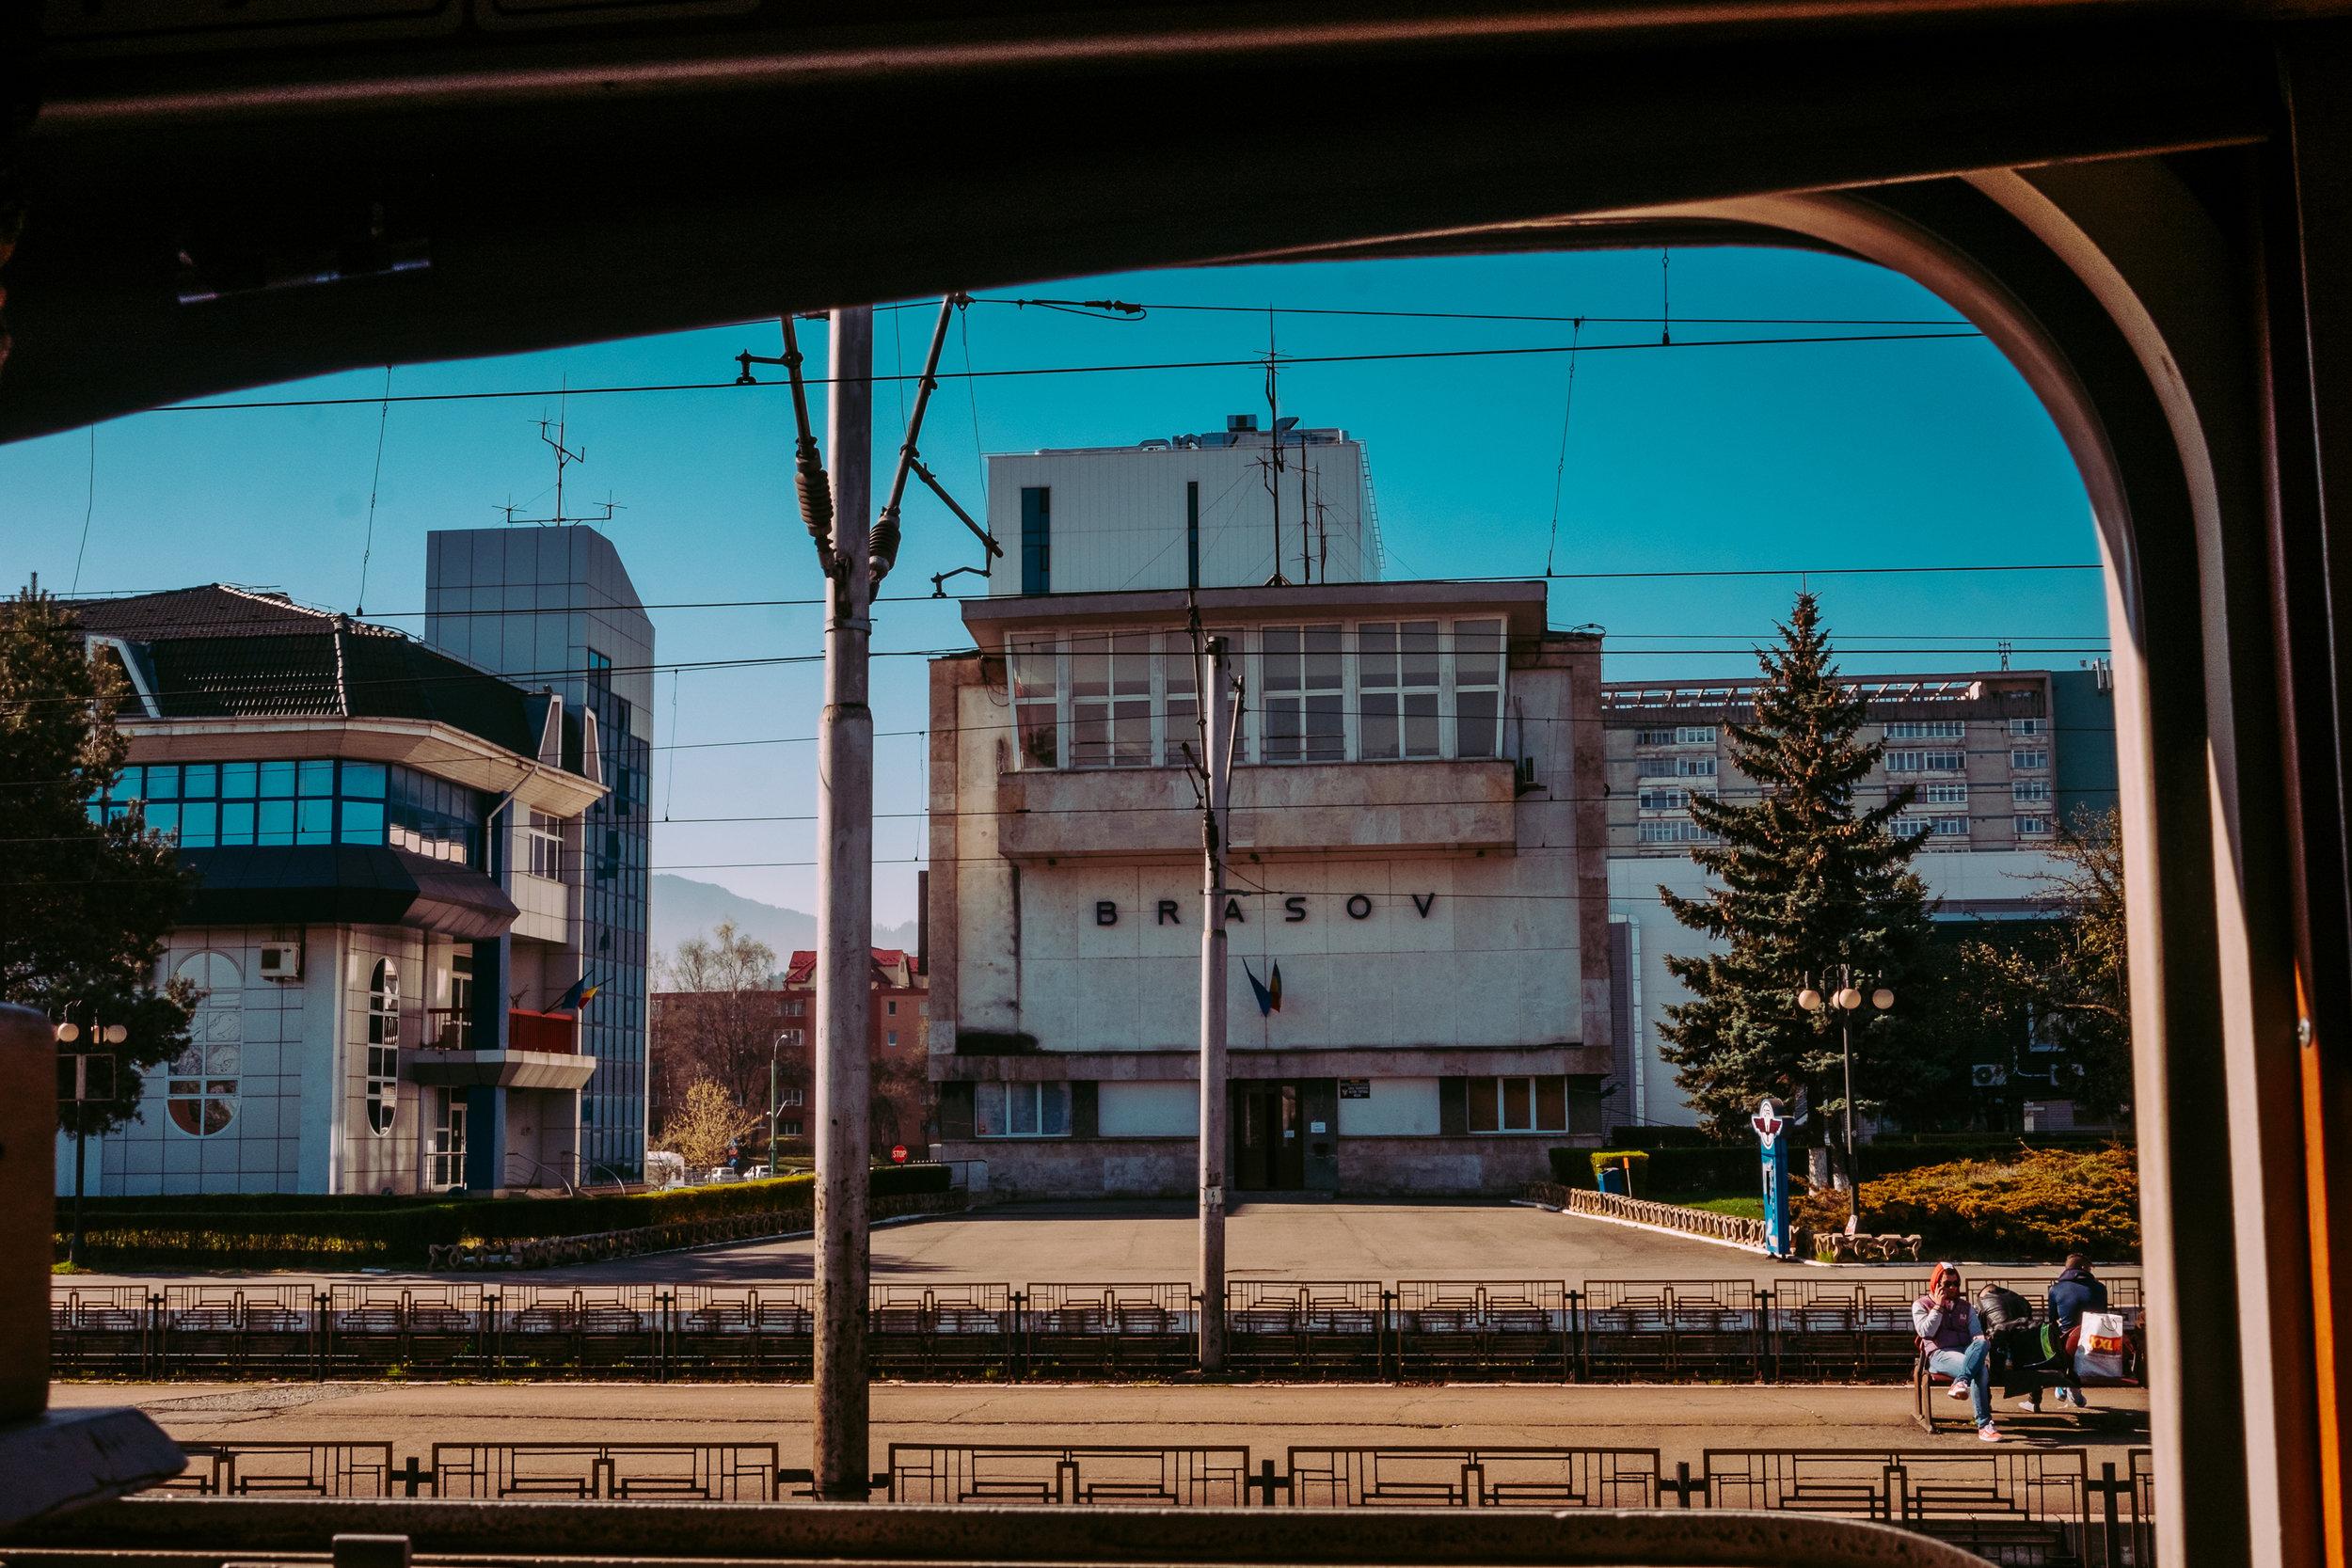 Brasov Station